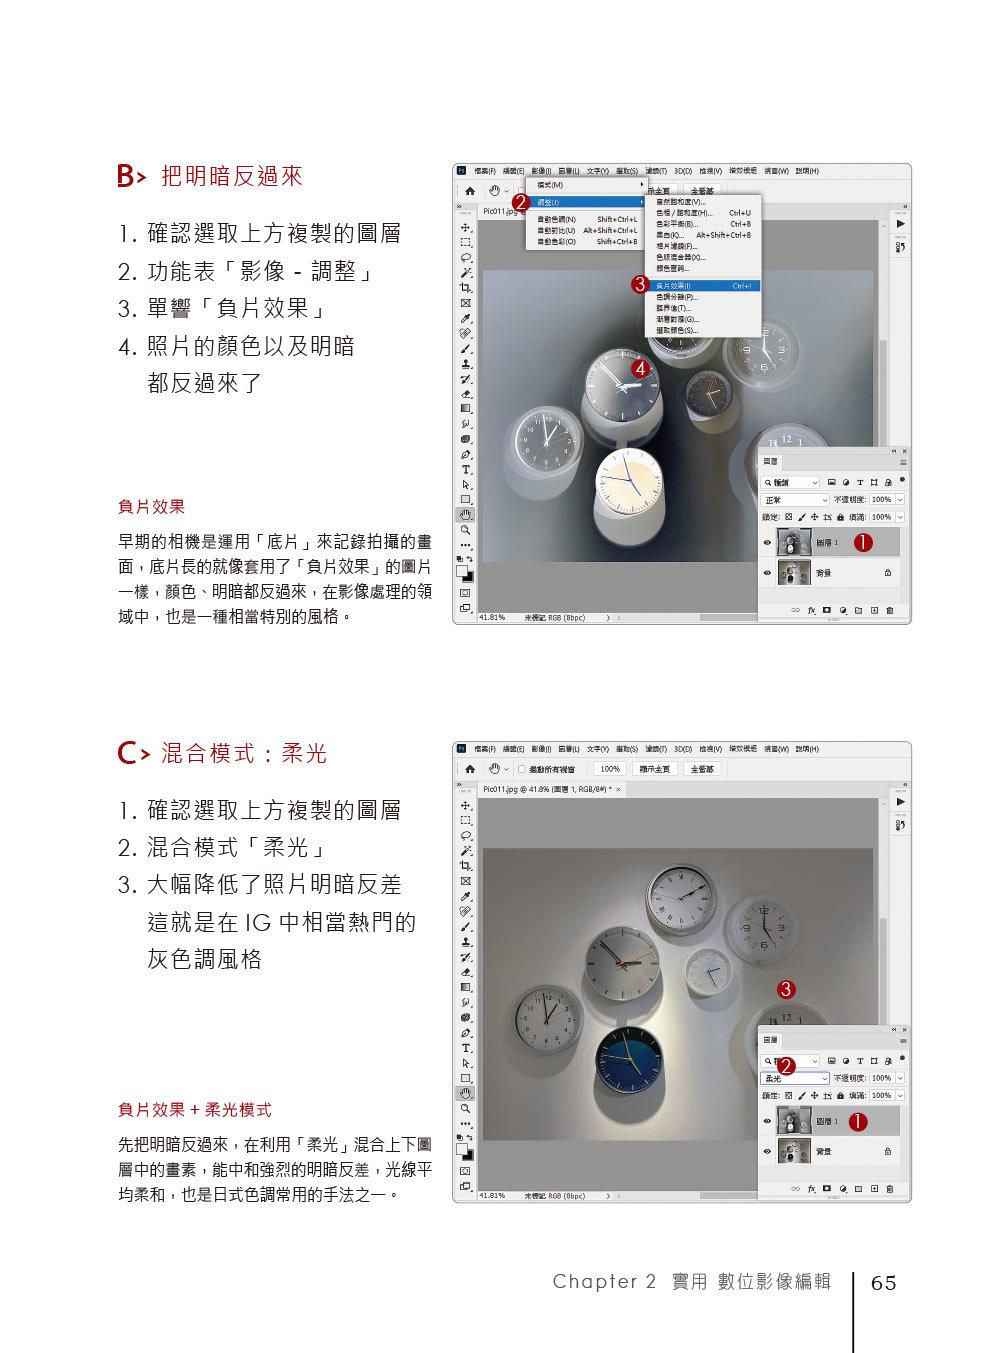 我想學設計!人氣精選 Photoshop 影像編修技:工具x調色x文字x合成x廣告設計(千萬網友點擊推薦狂推必學)-preview-4